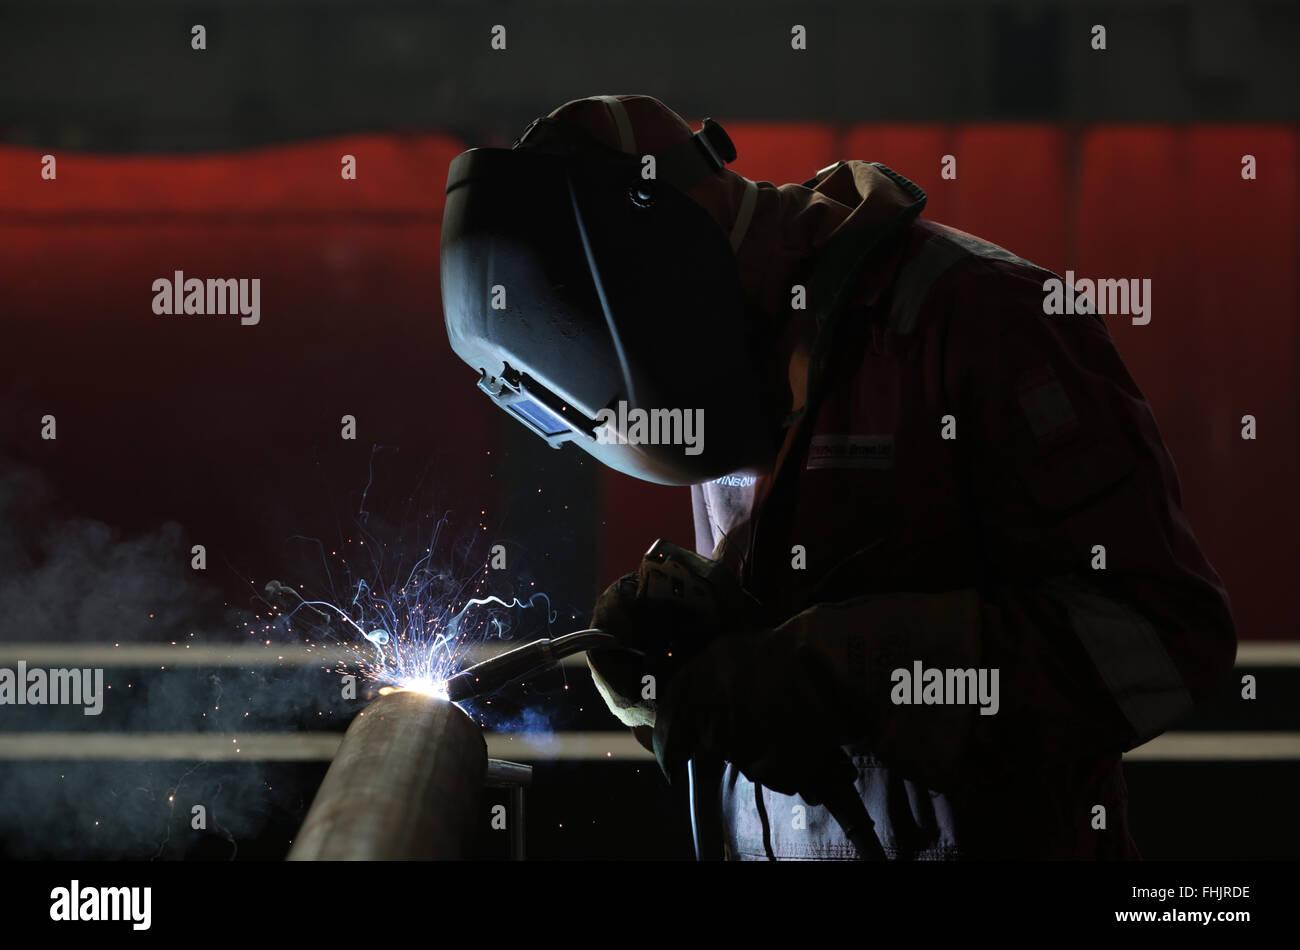 Um soldador soldadura MIG em uma fábrica em Stockton-On-Tees, Reino Unido. Imagens de Stock